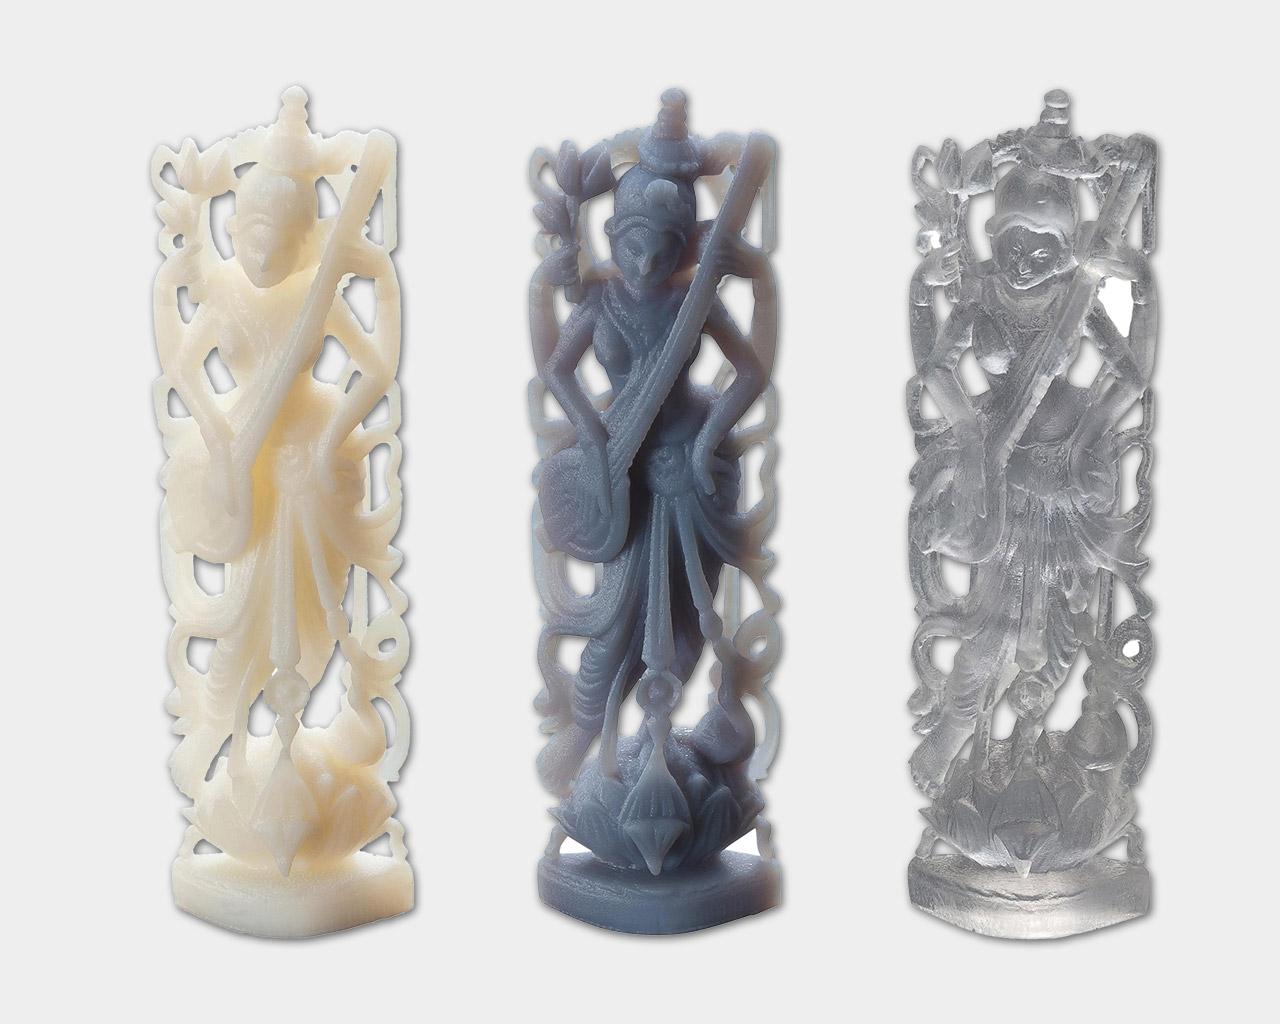 PolyJet Objet Eden 3D Druckmuster verschiedene Materialien.